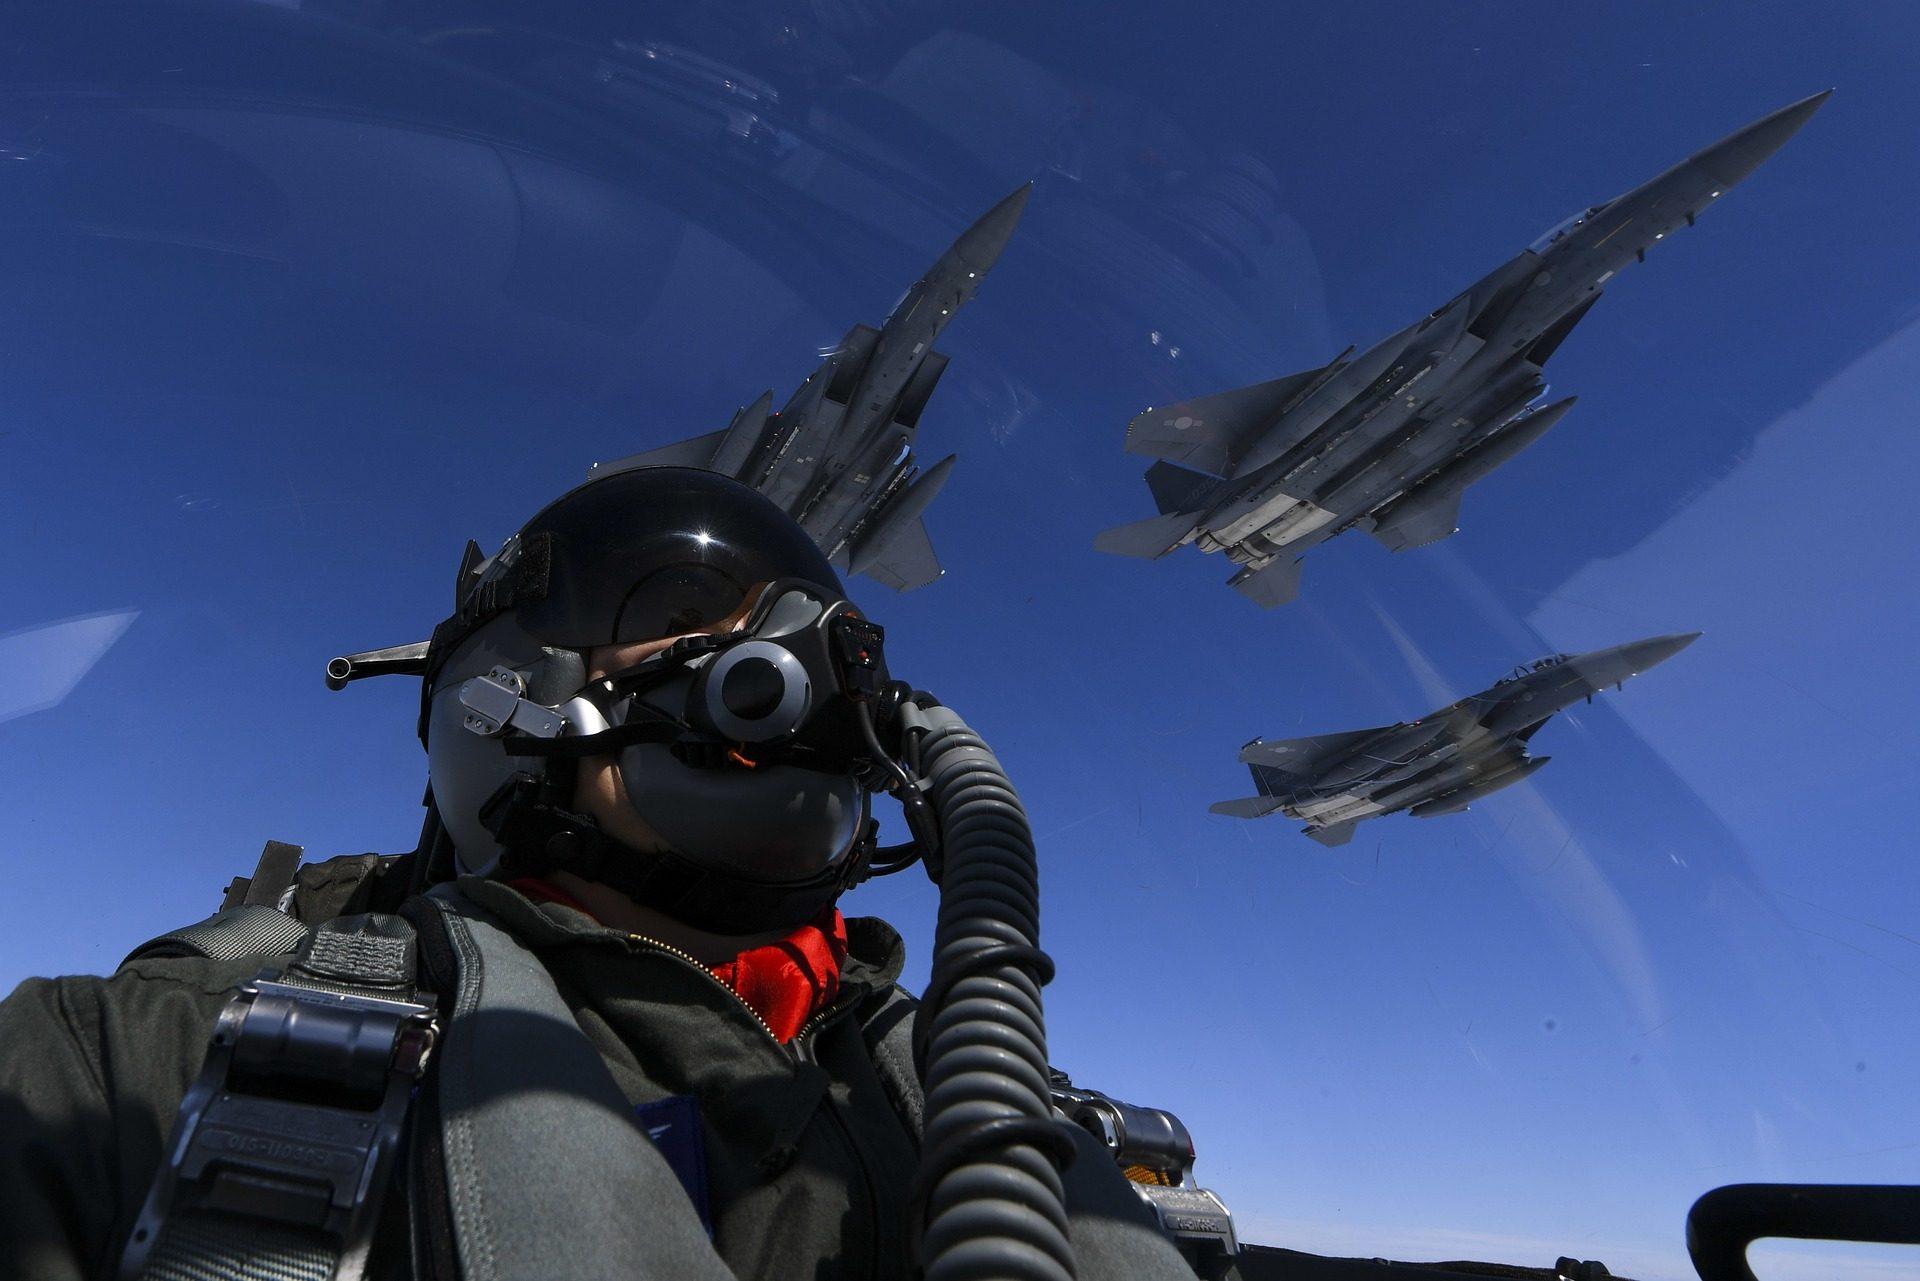 piloto, aviões, lutadores, cabine, f-15 - Papéis de parede HD - Professor-falken.com